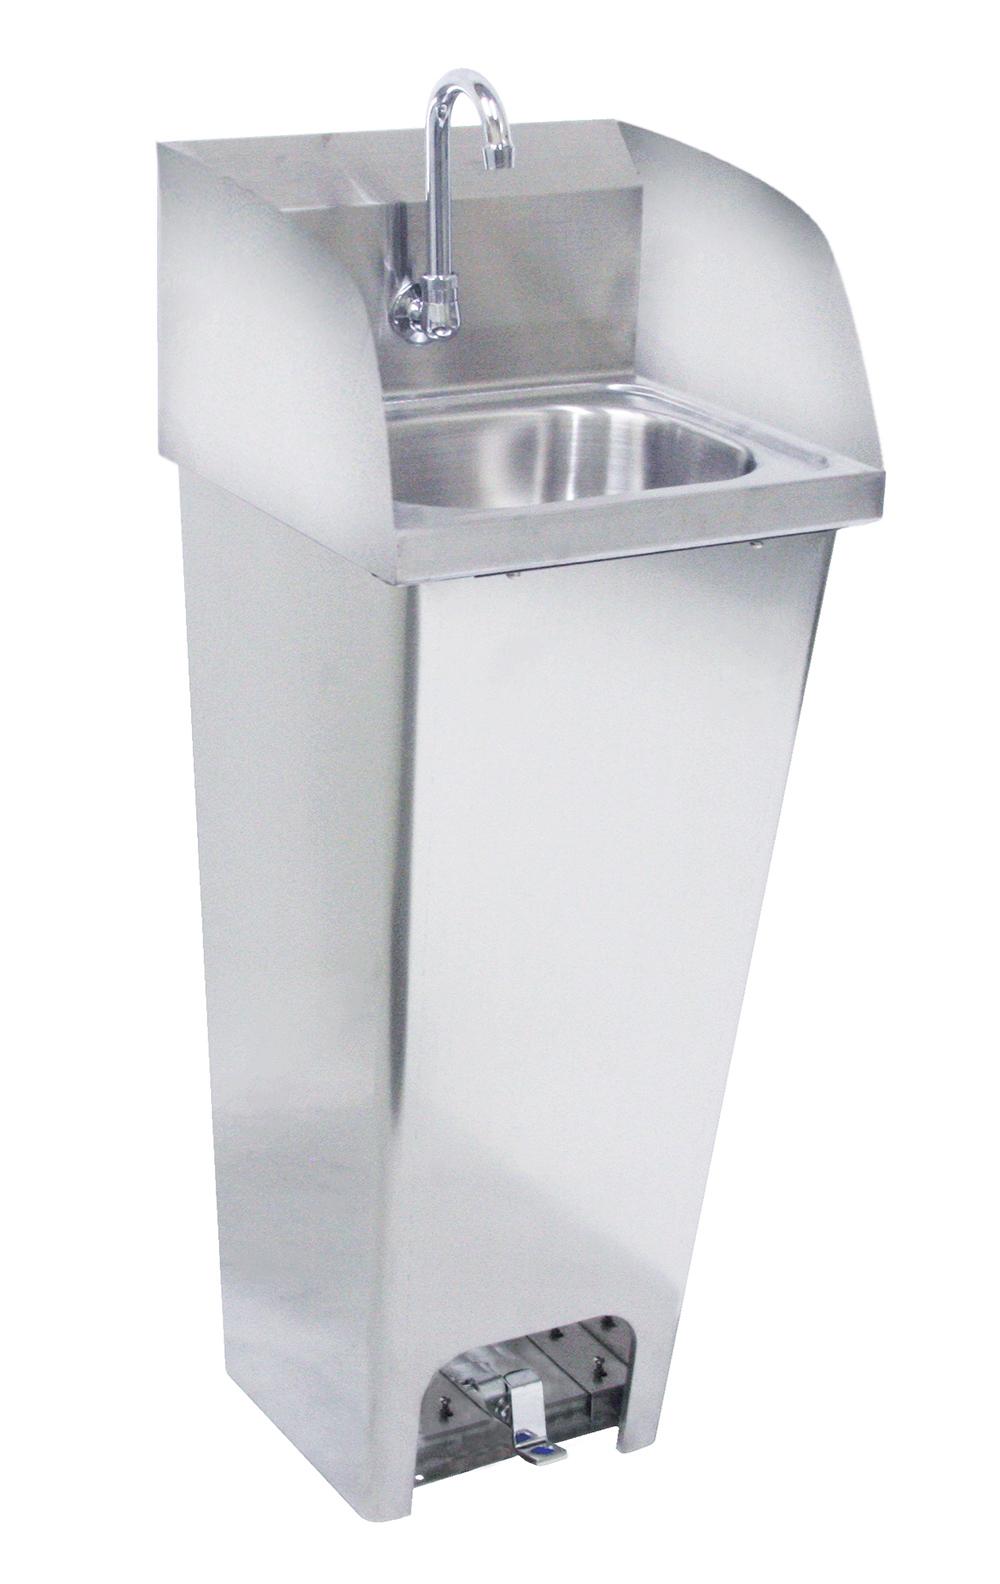 Krowne Metal HS-40 sink, hand